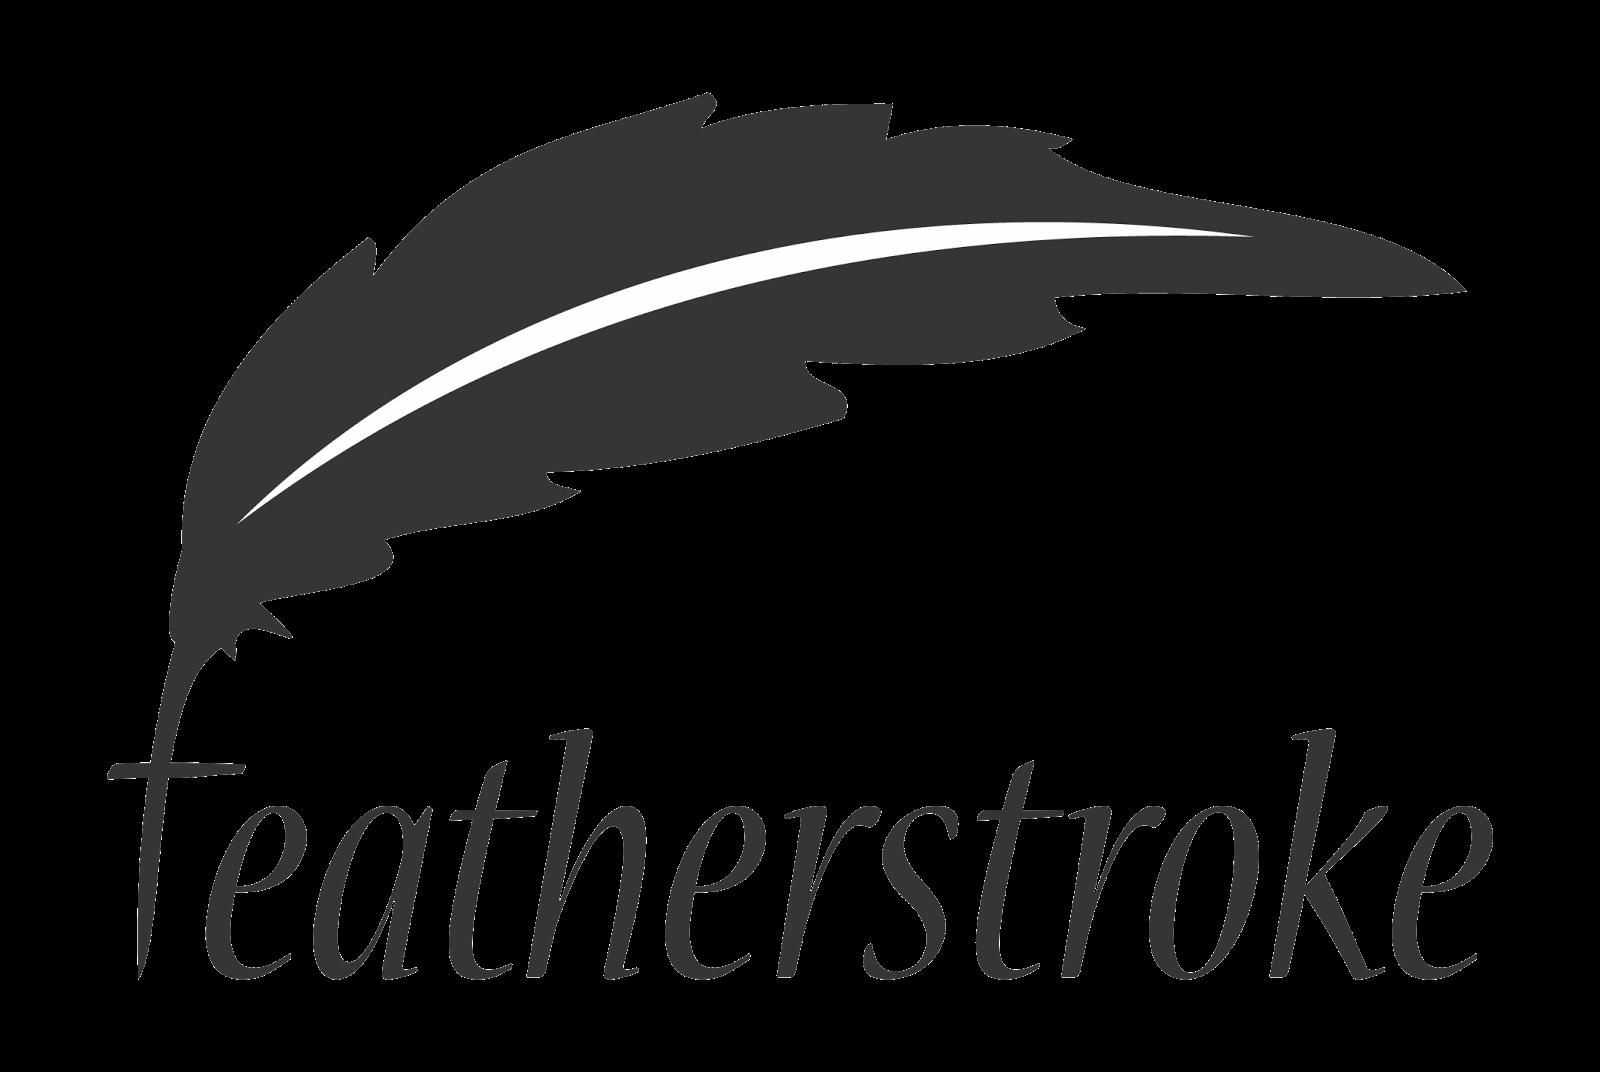 Featherstroke Logo